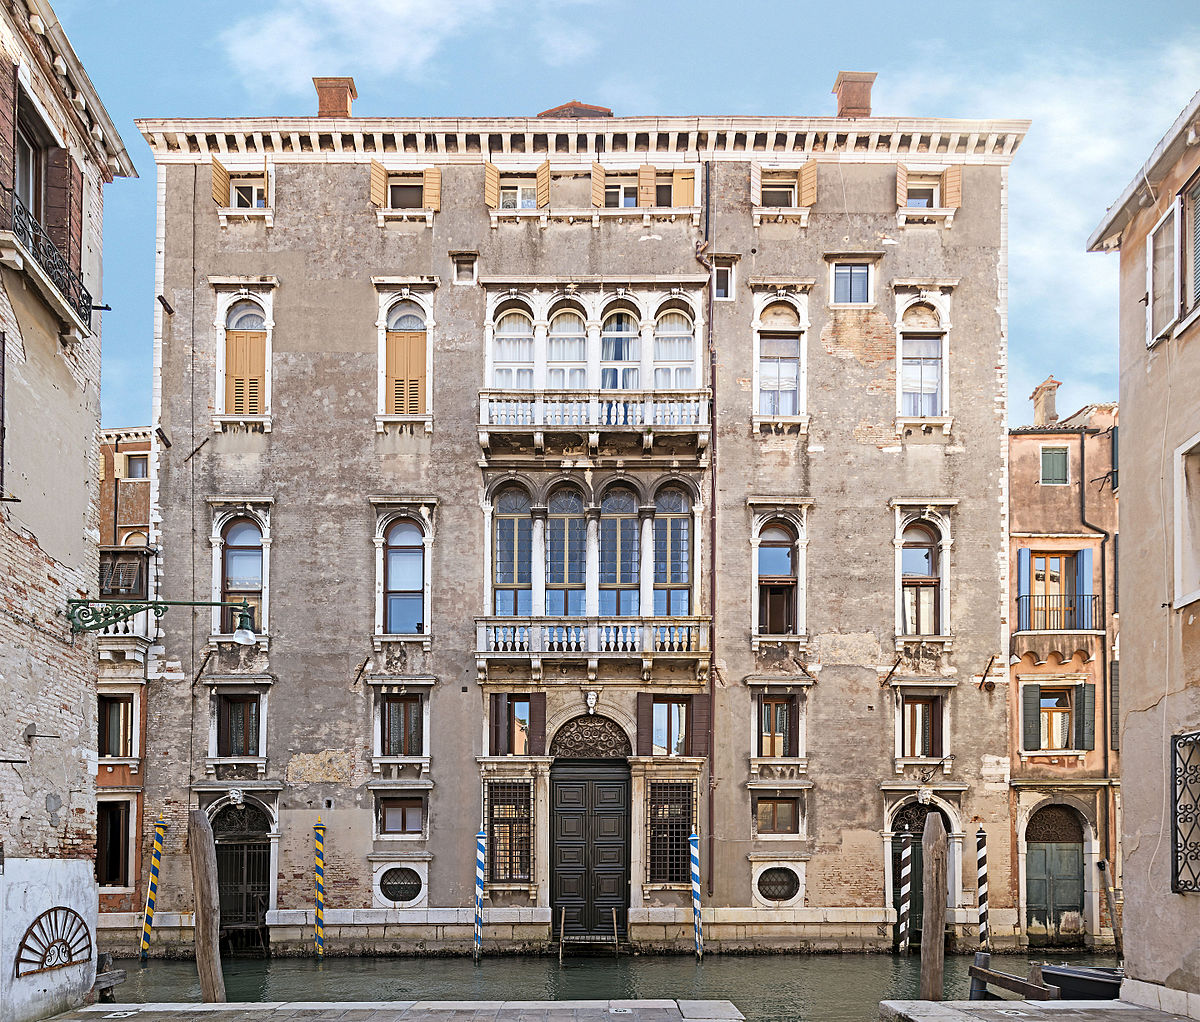 Palazzo barbarigo della terrazza wikipedia for Terrazza panoramica venezia